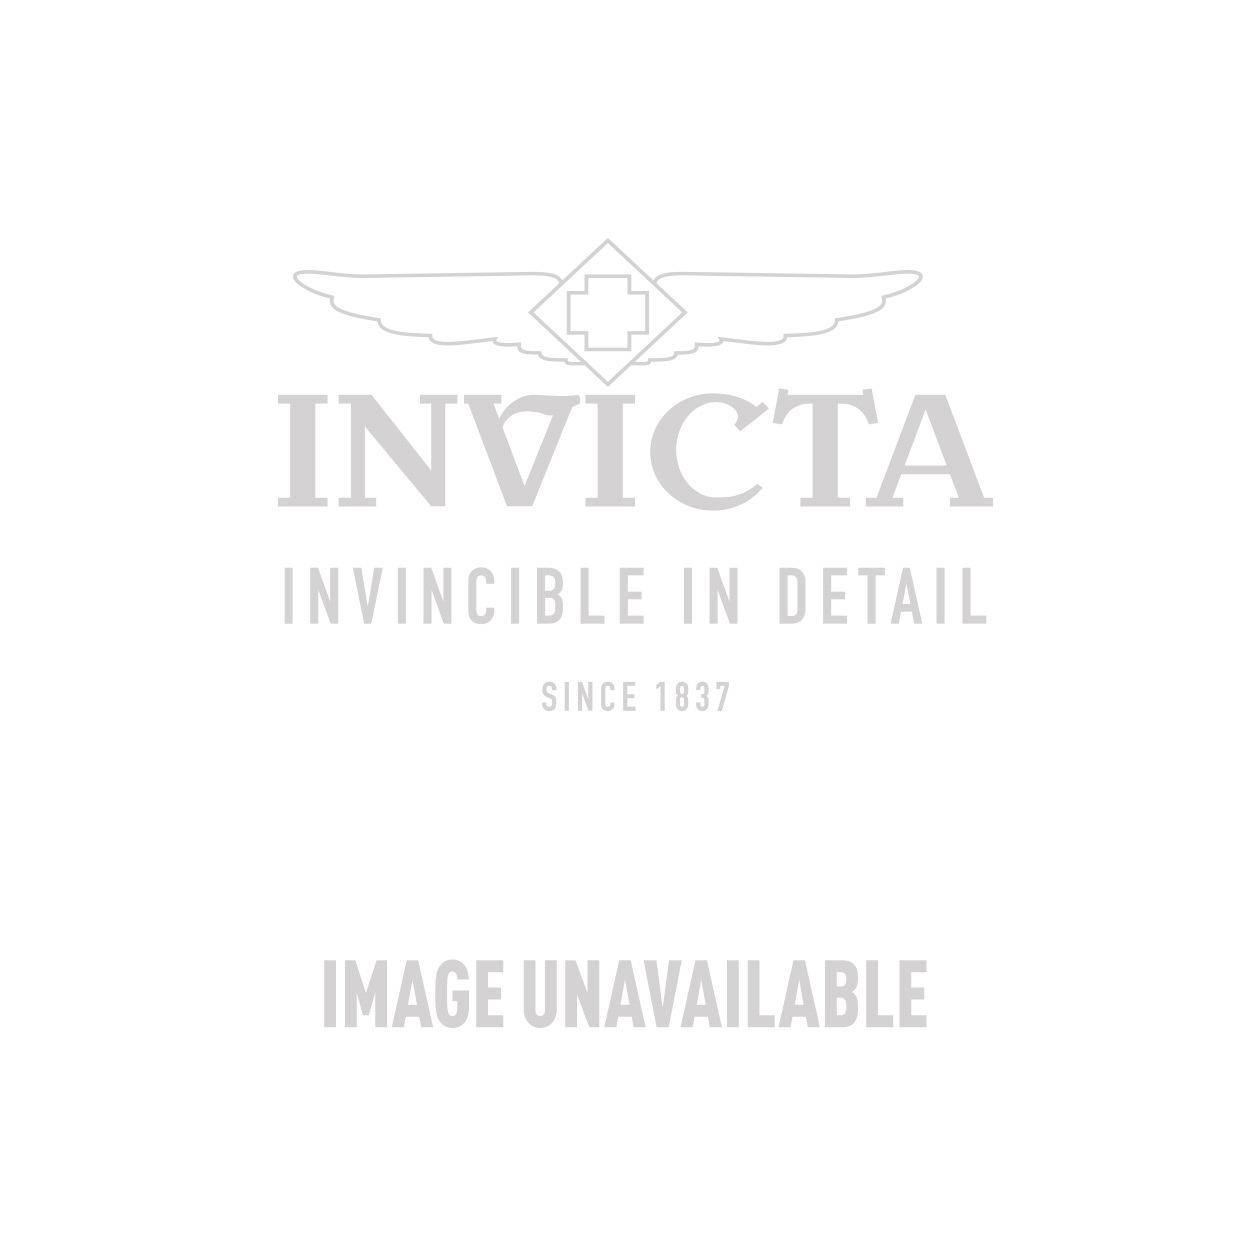 Invicta Model 27147